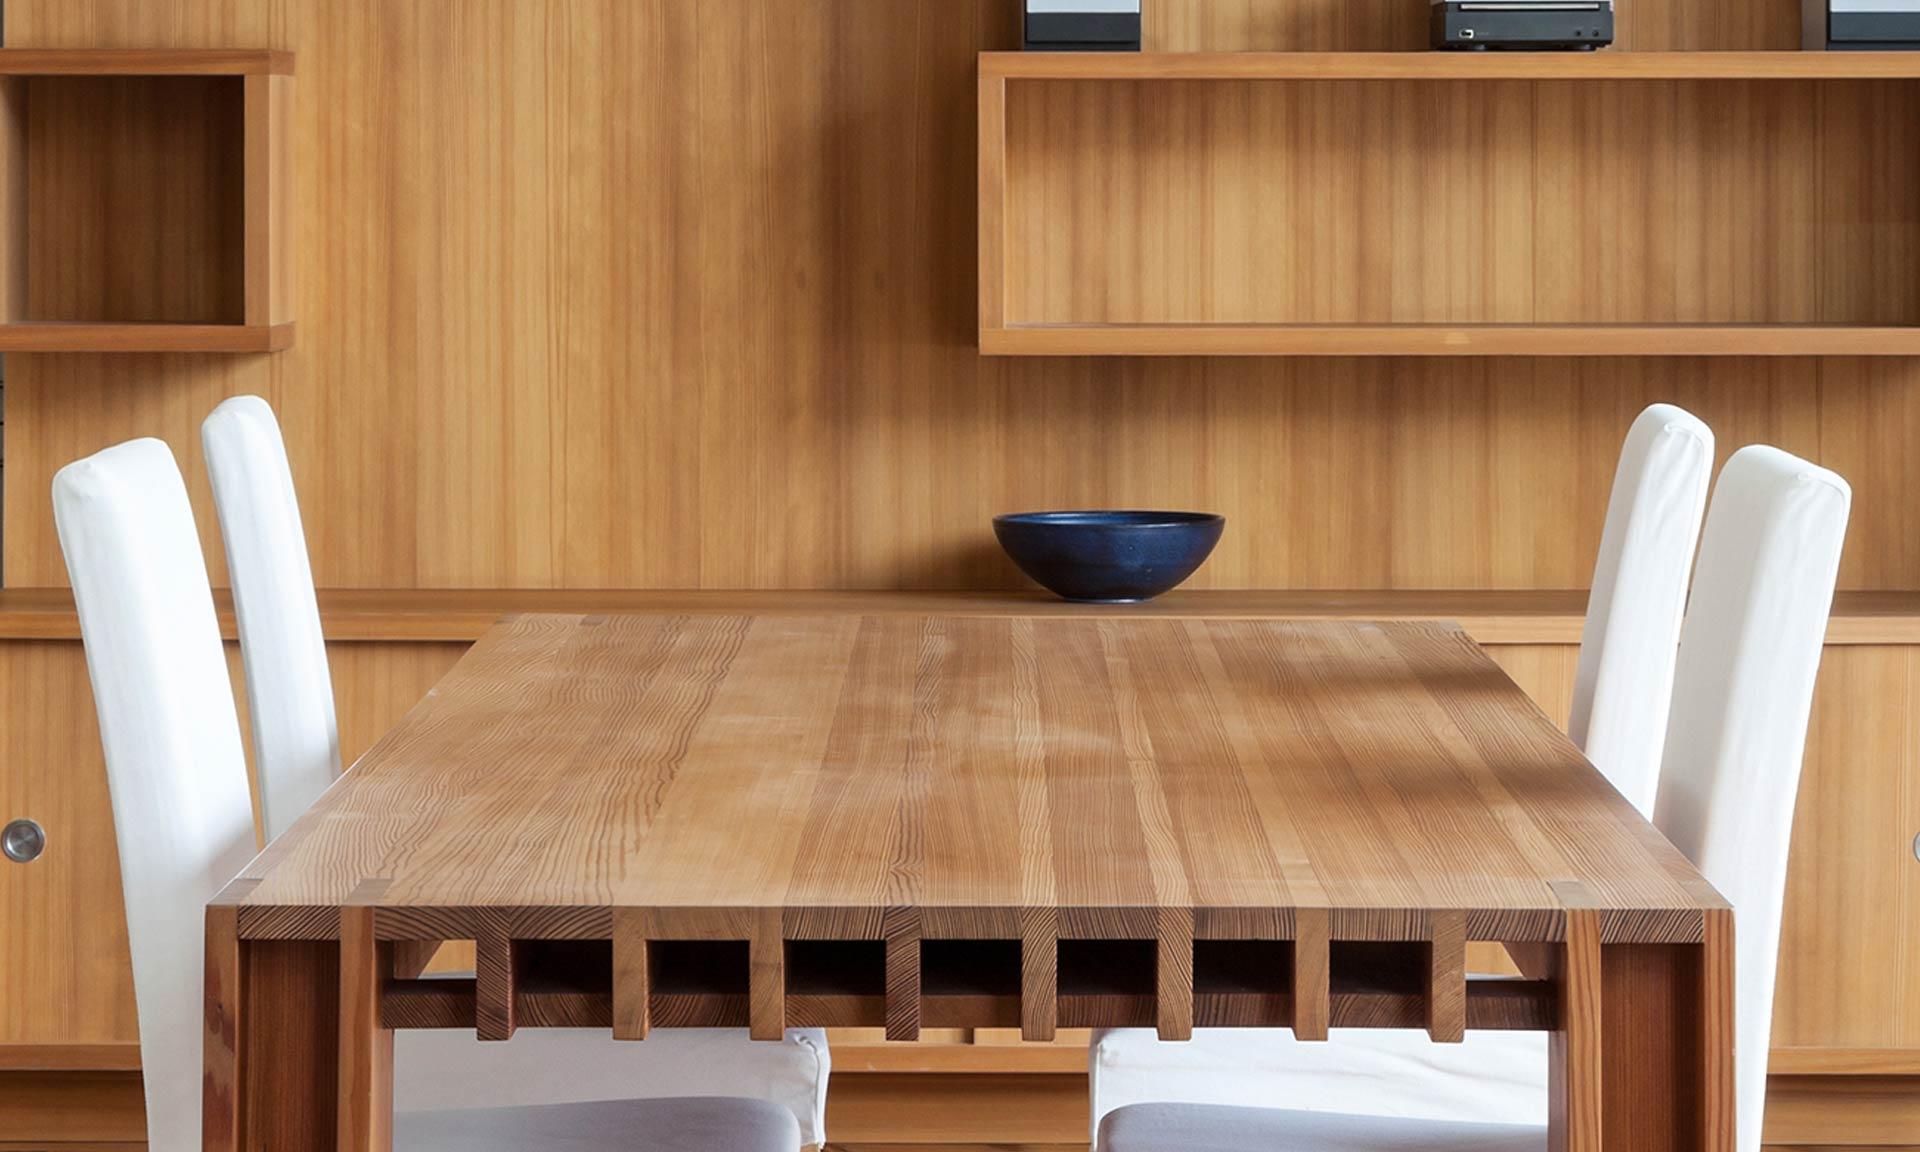 oleari-madeiras-imagem-destaque-home